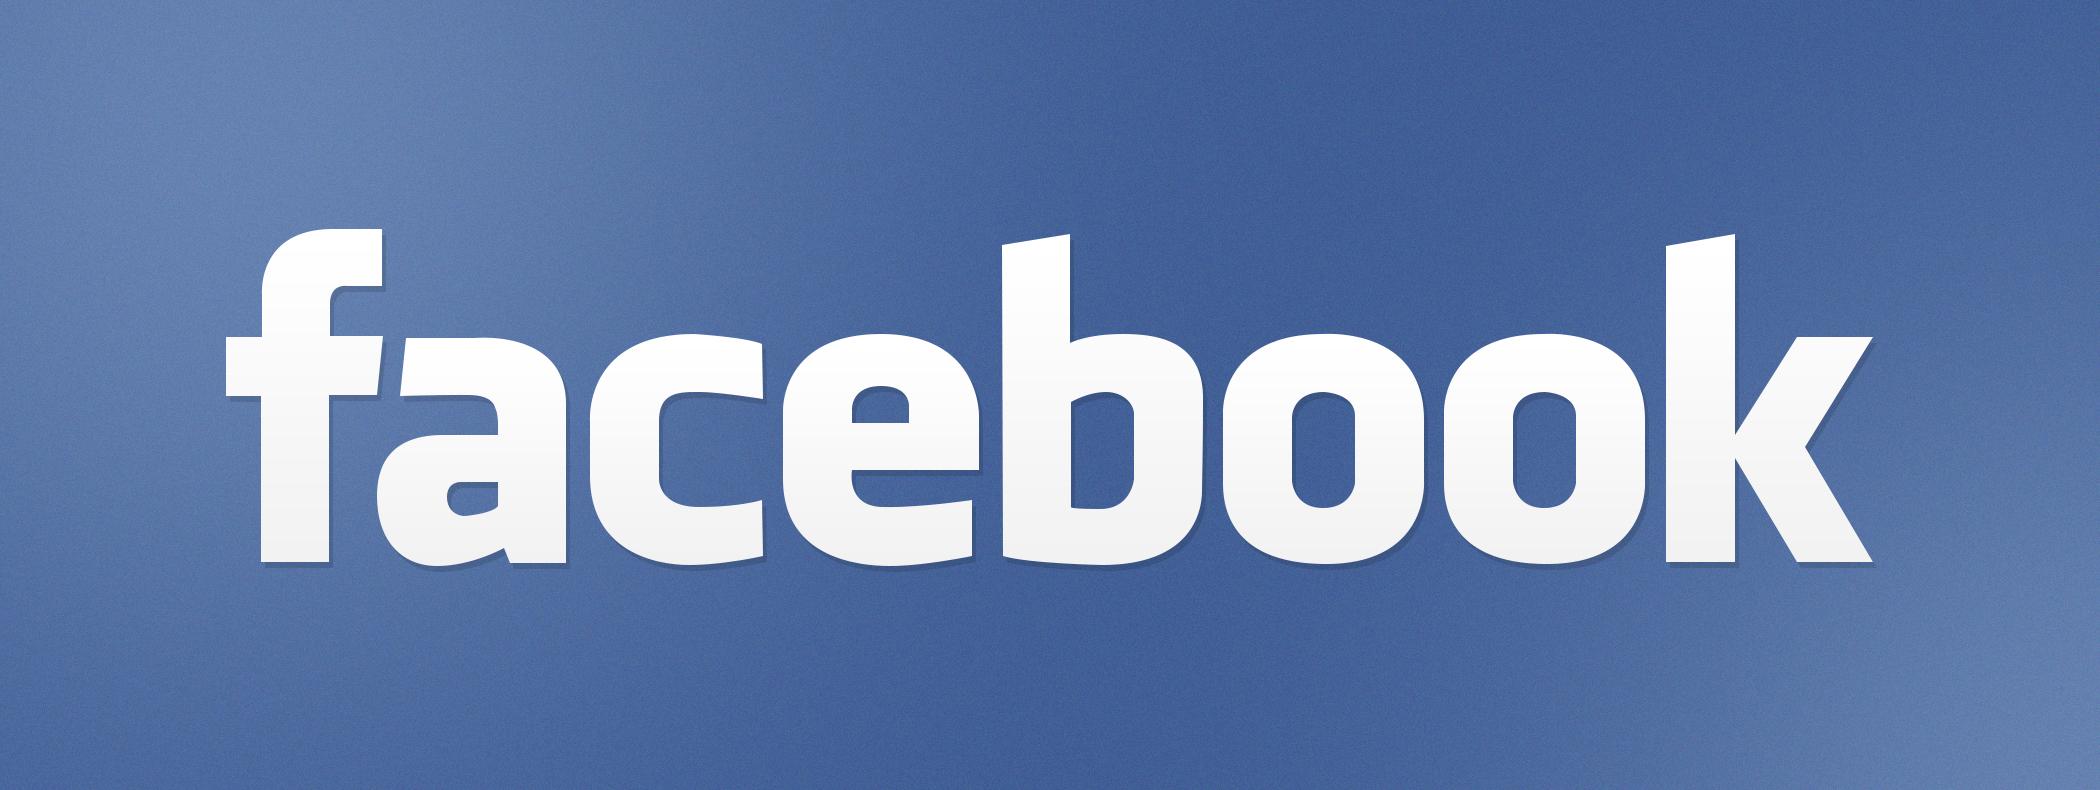 200-jobs-dublin-facebook